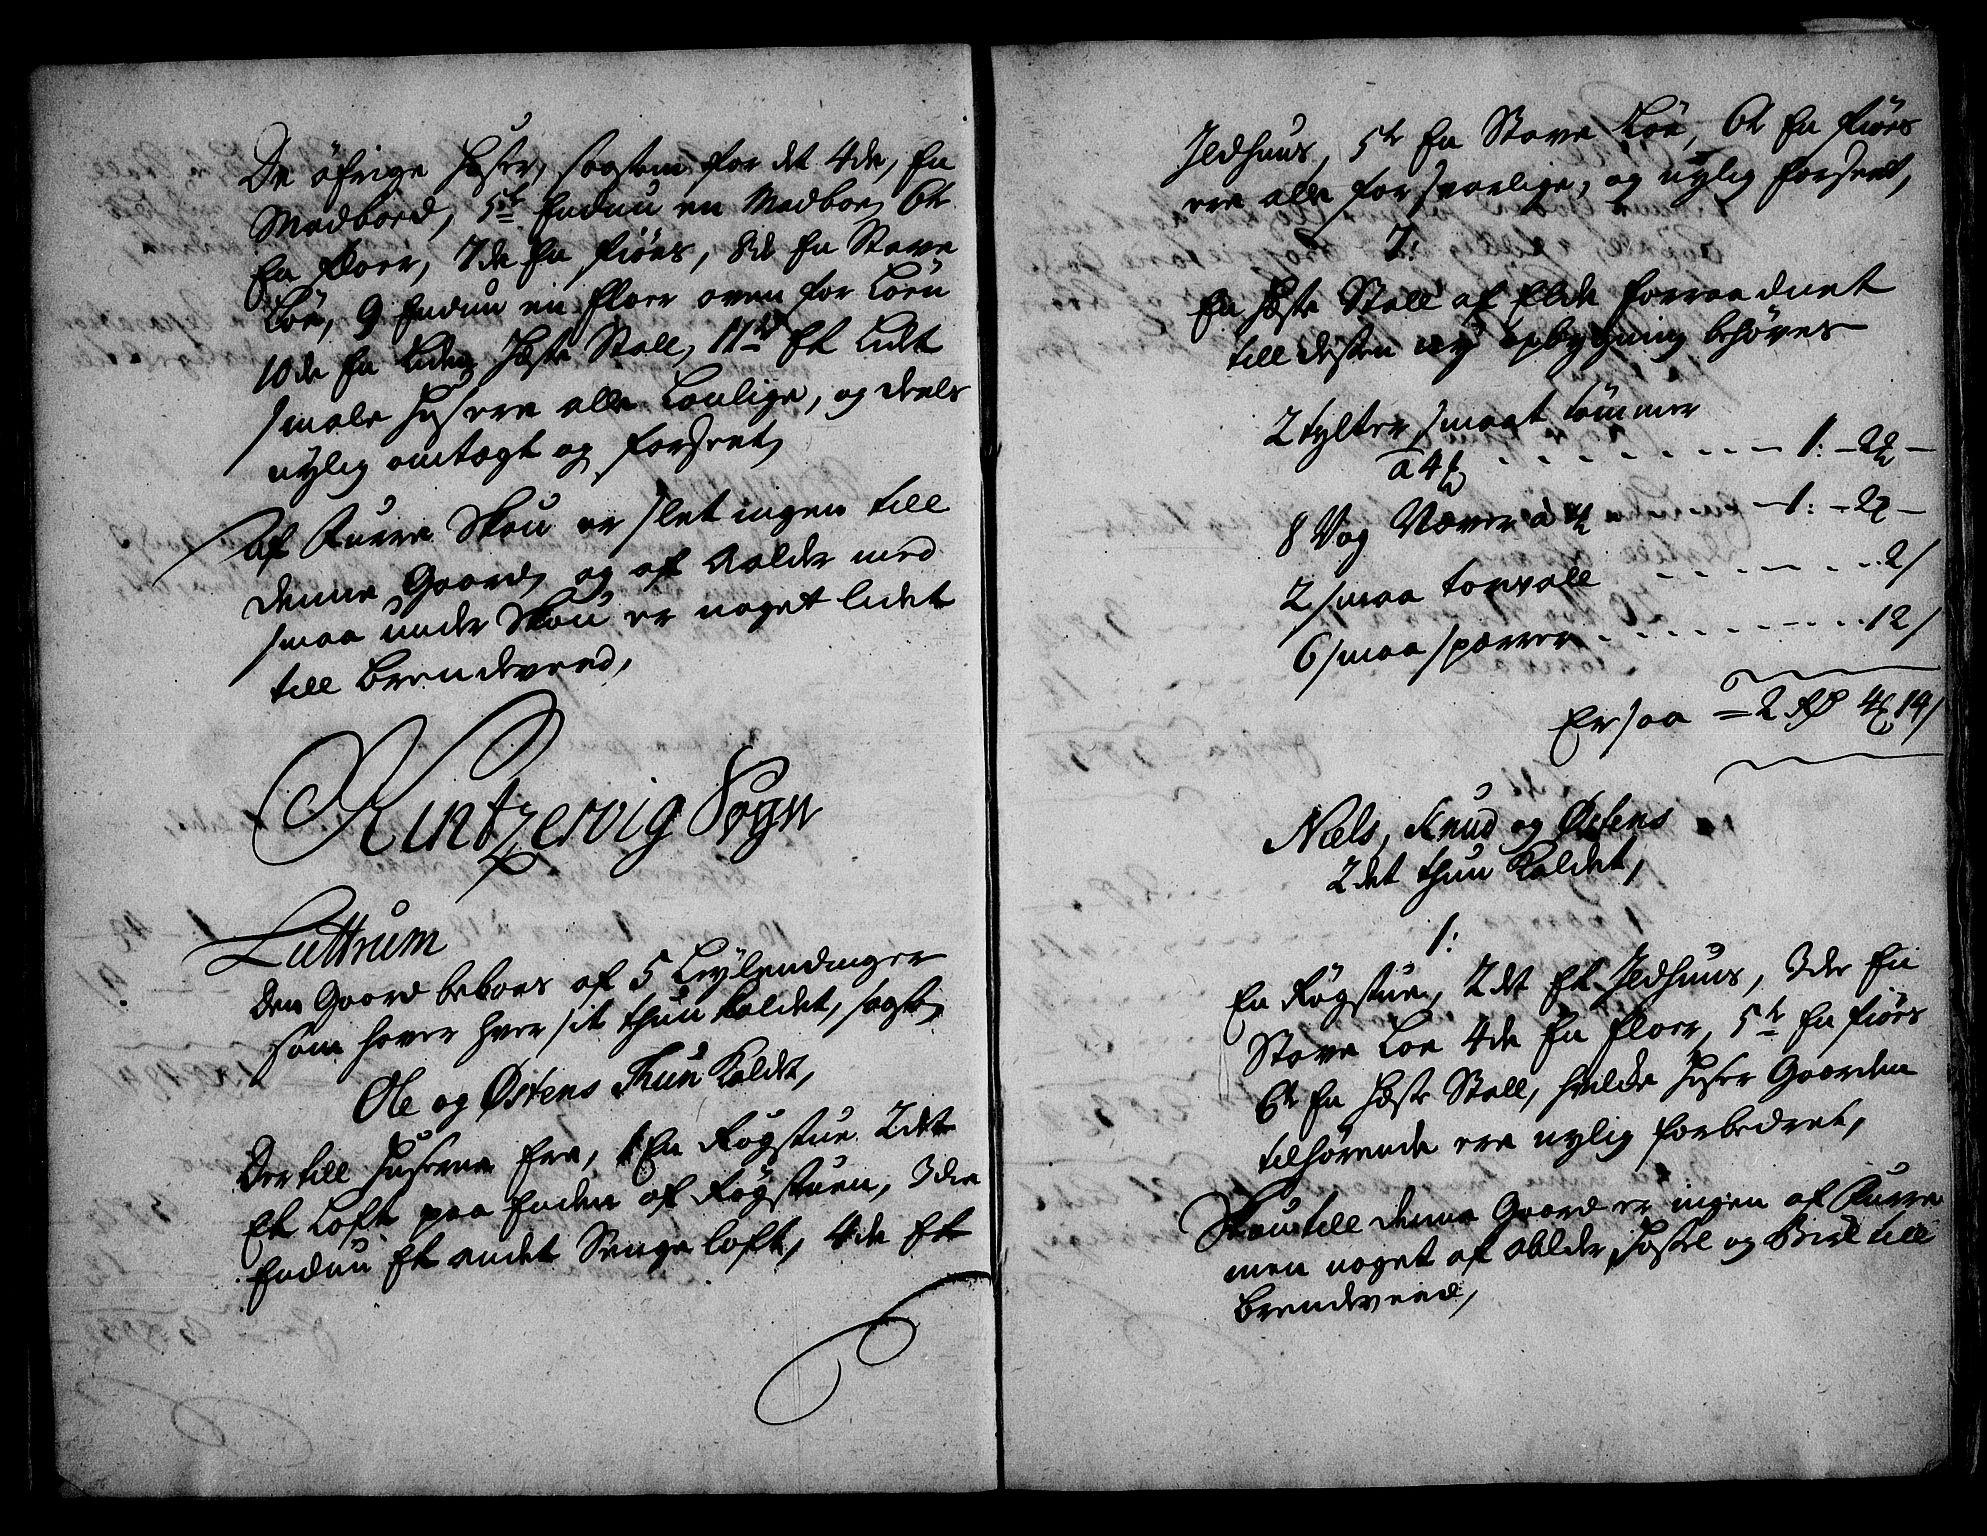 RA, Rentekammeret inntil 1814, Realistisk ordnet avdeling, On/L0003: [Jj 4]: Kommisjonsforretning over Vilhelm Hanssøns forpaktning av Halsnøy klosters gods, 1721-1729, s. 99